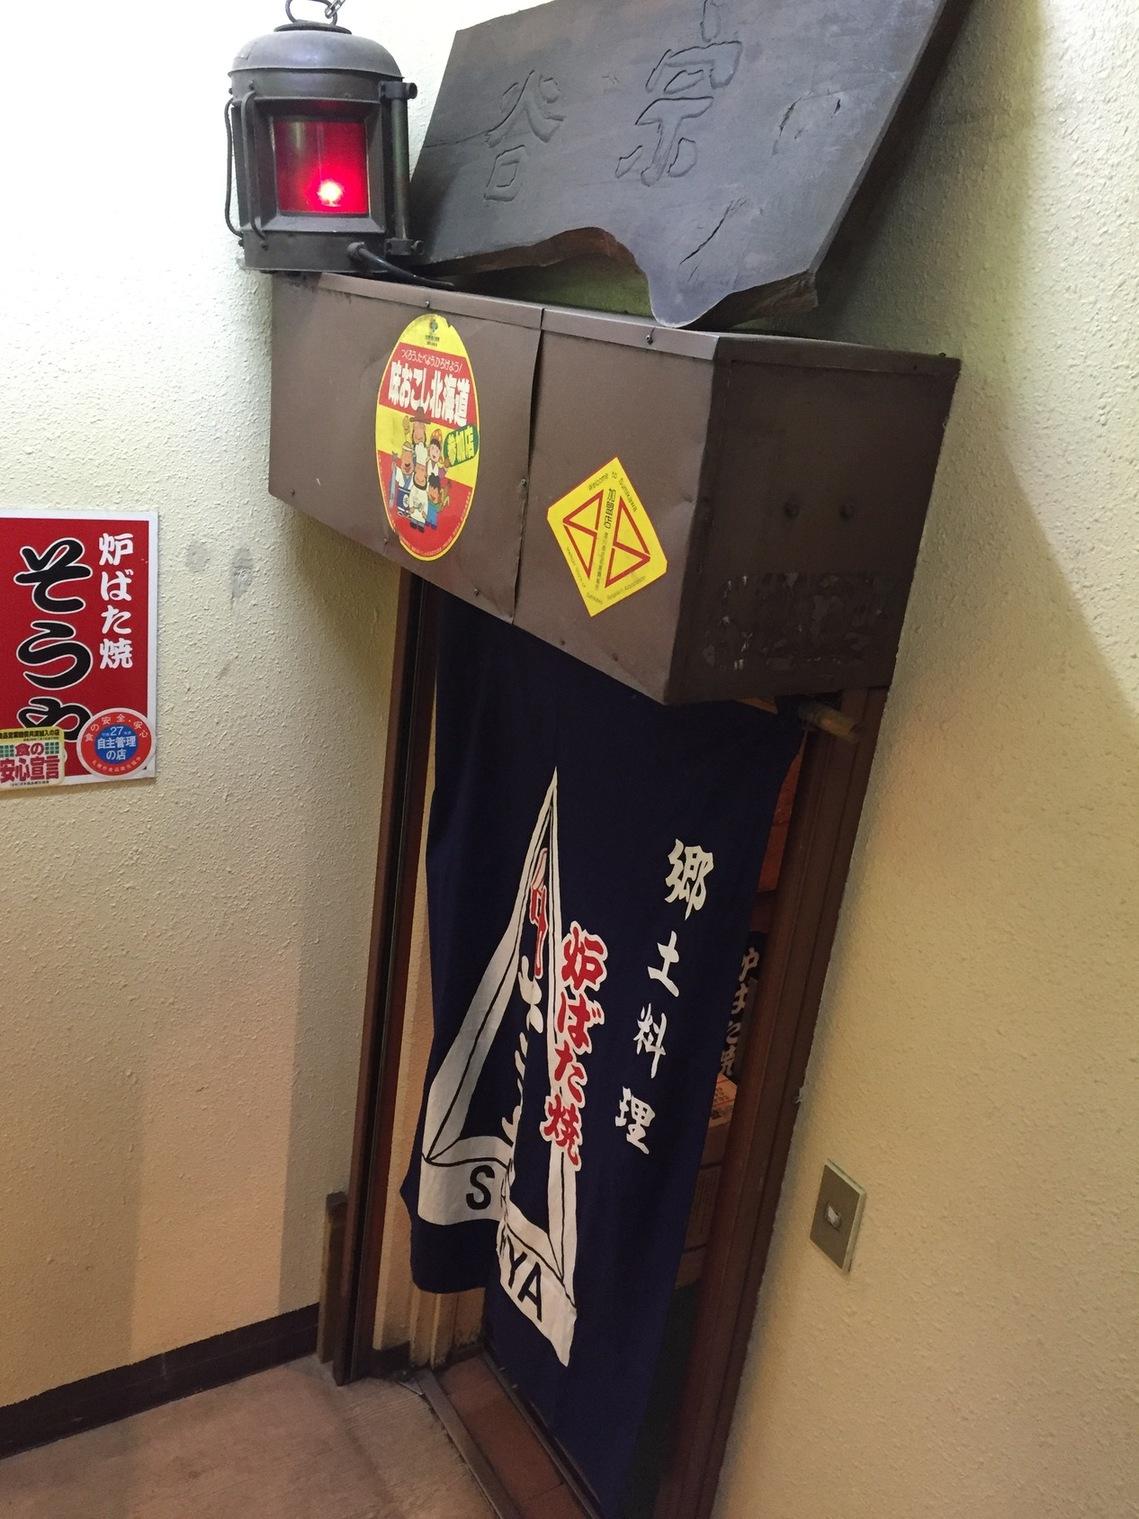 炉ばた焼そうや 澄川駅前店